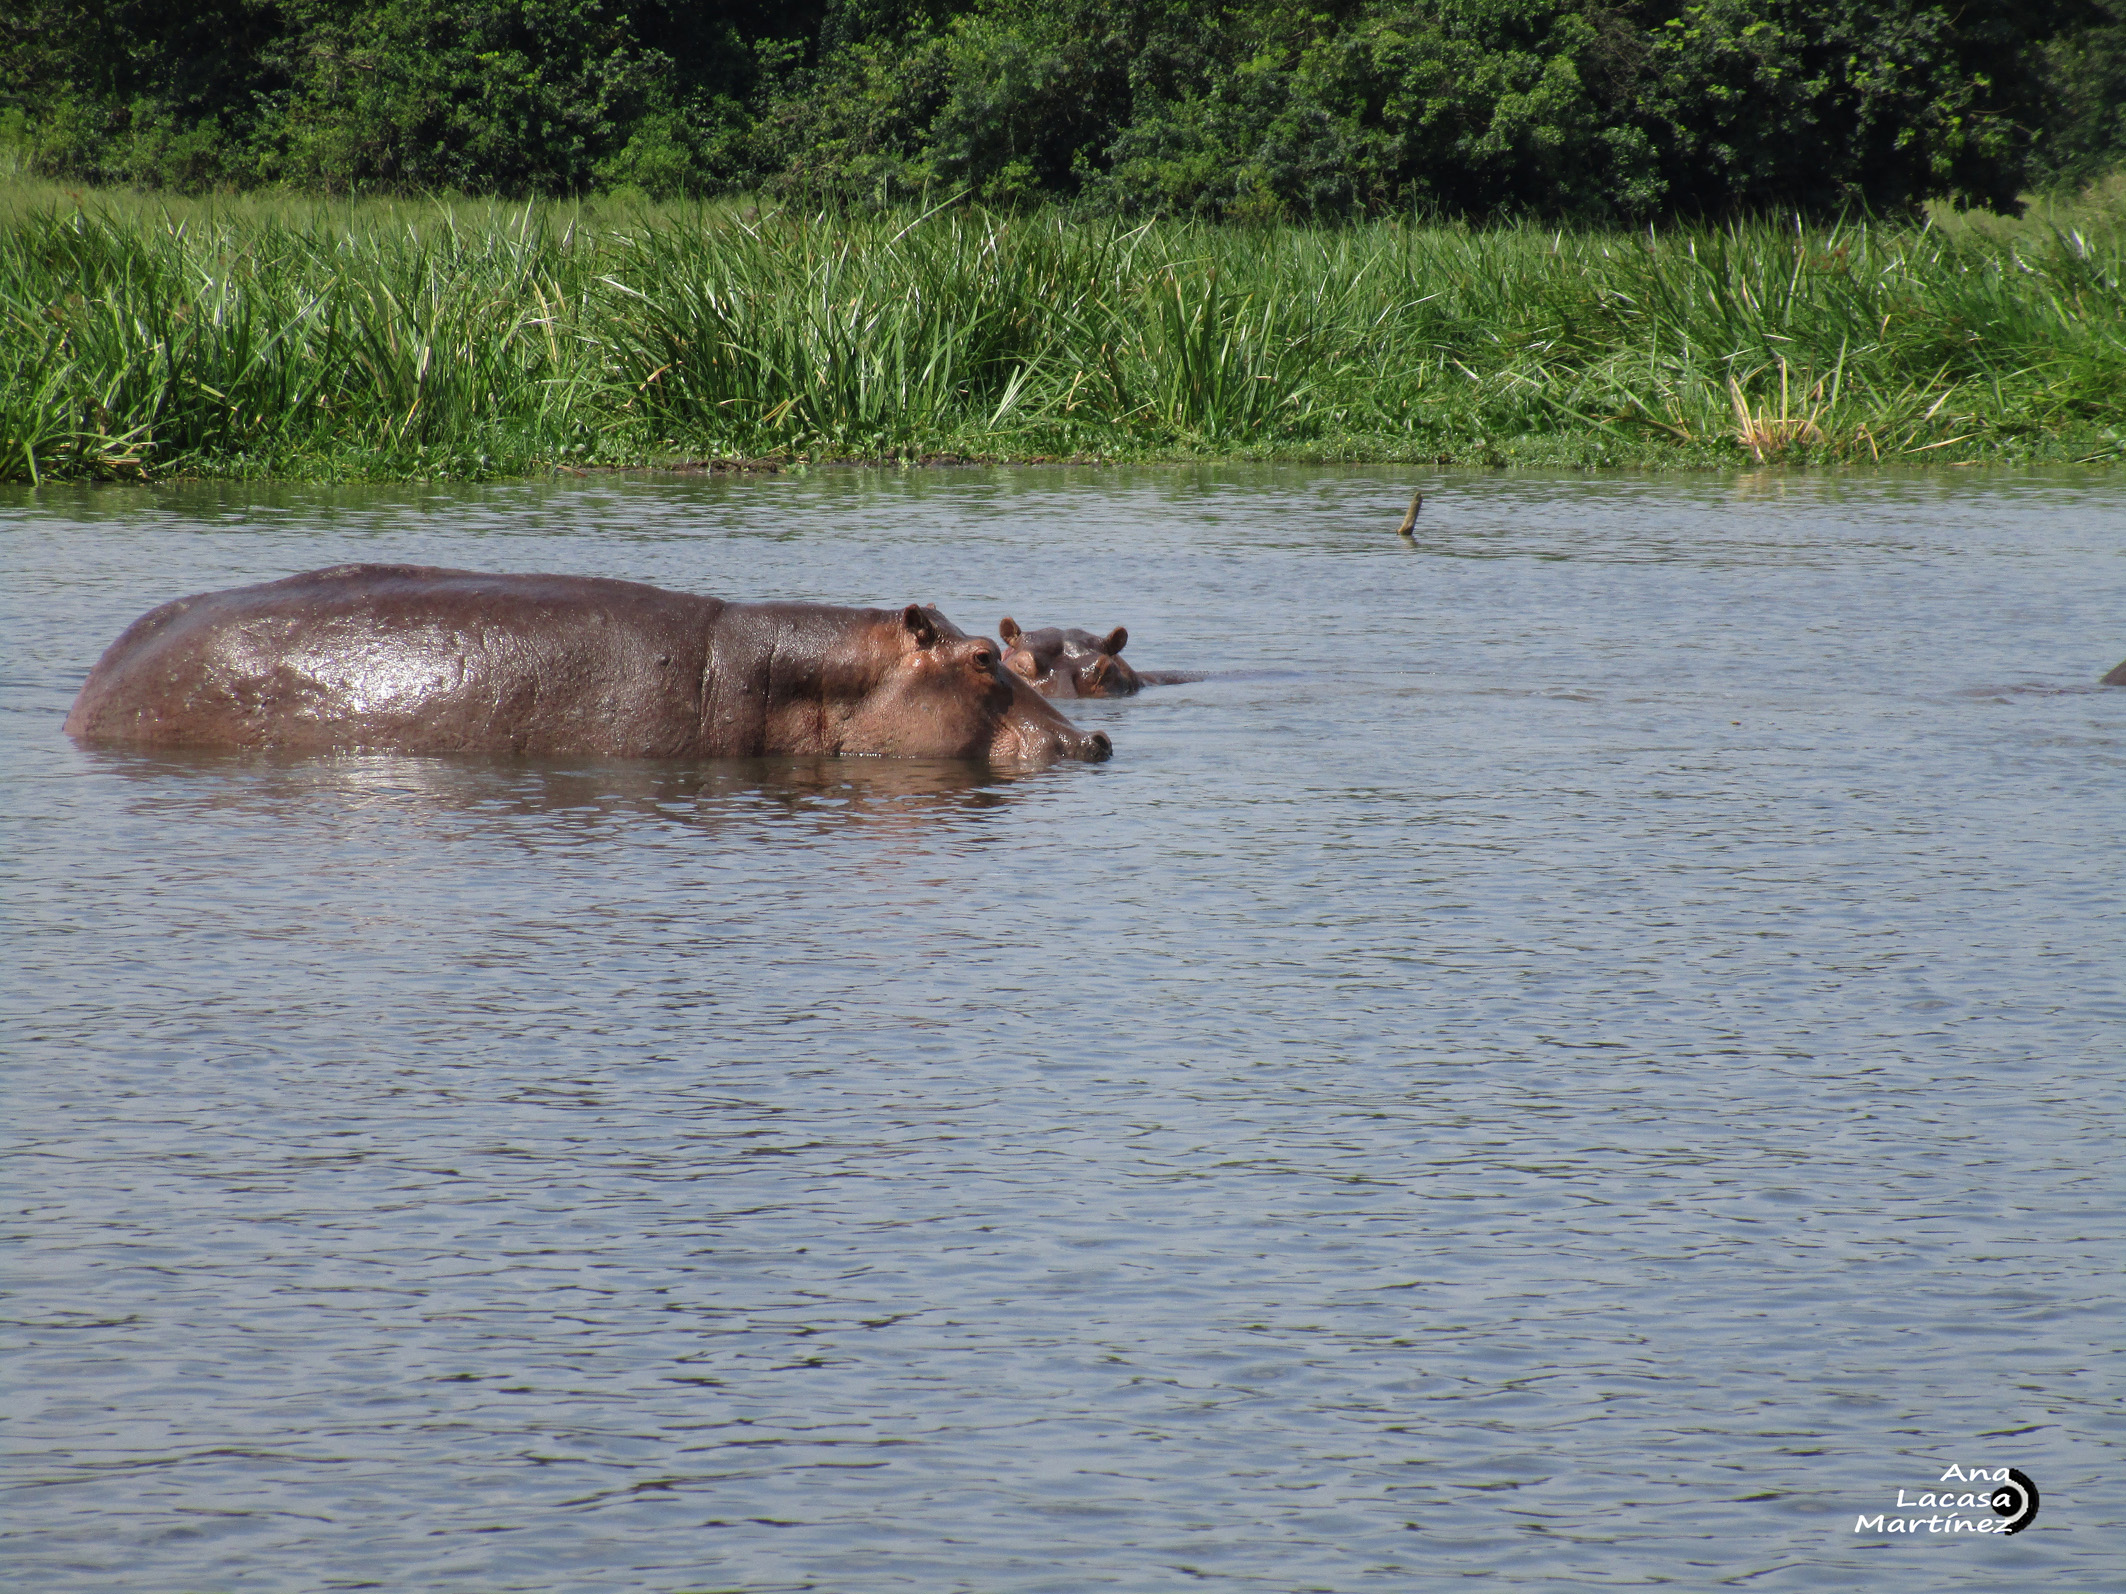 Los hipopótamos, uno de los animales más peligrosos del planeta